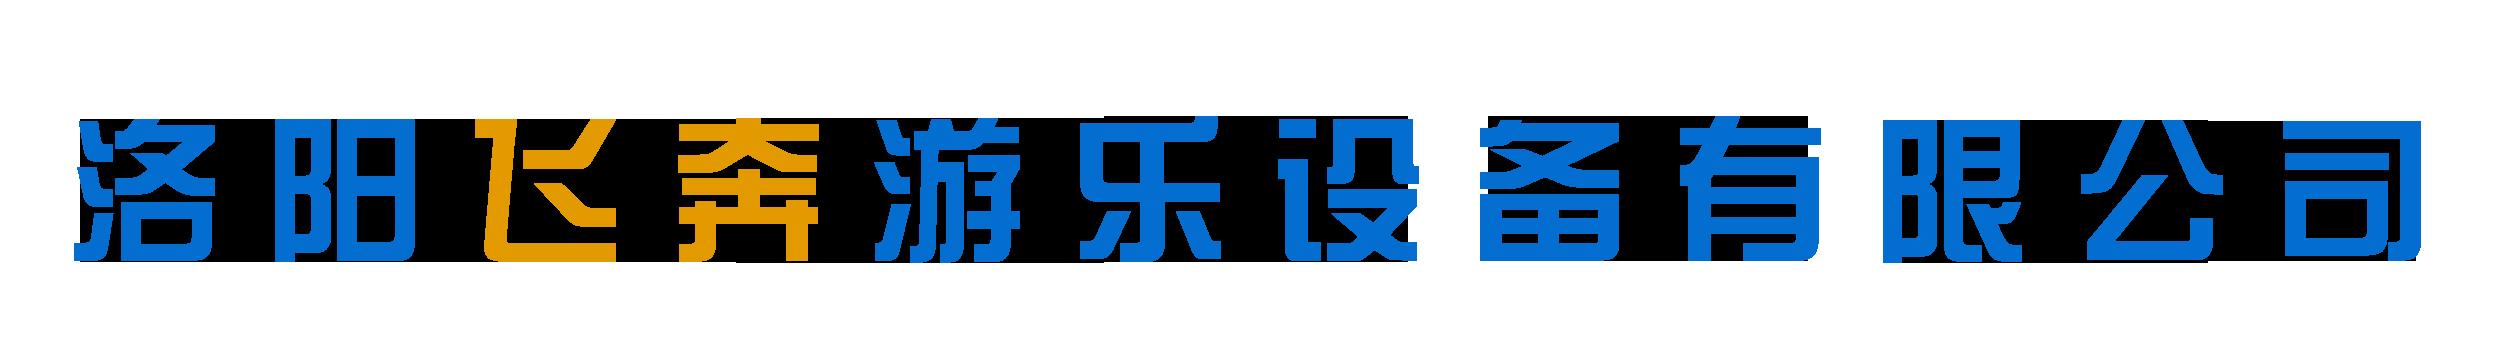 洛阳飞奔游乐设备有限公司